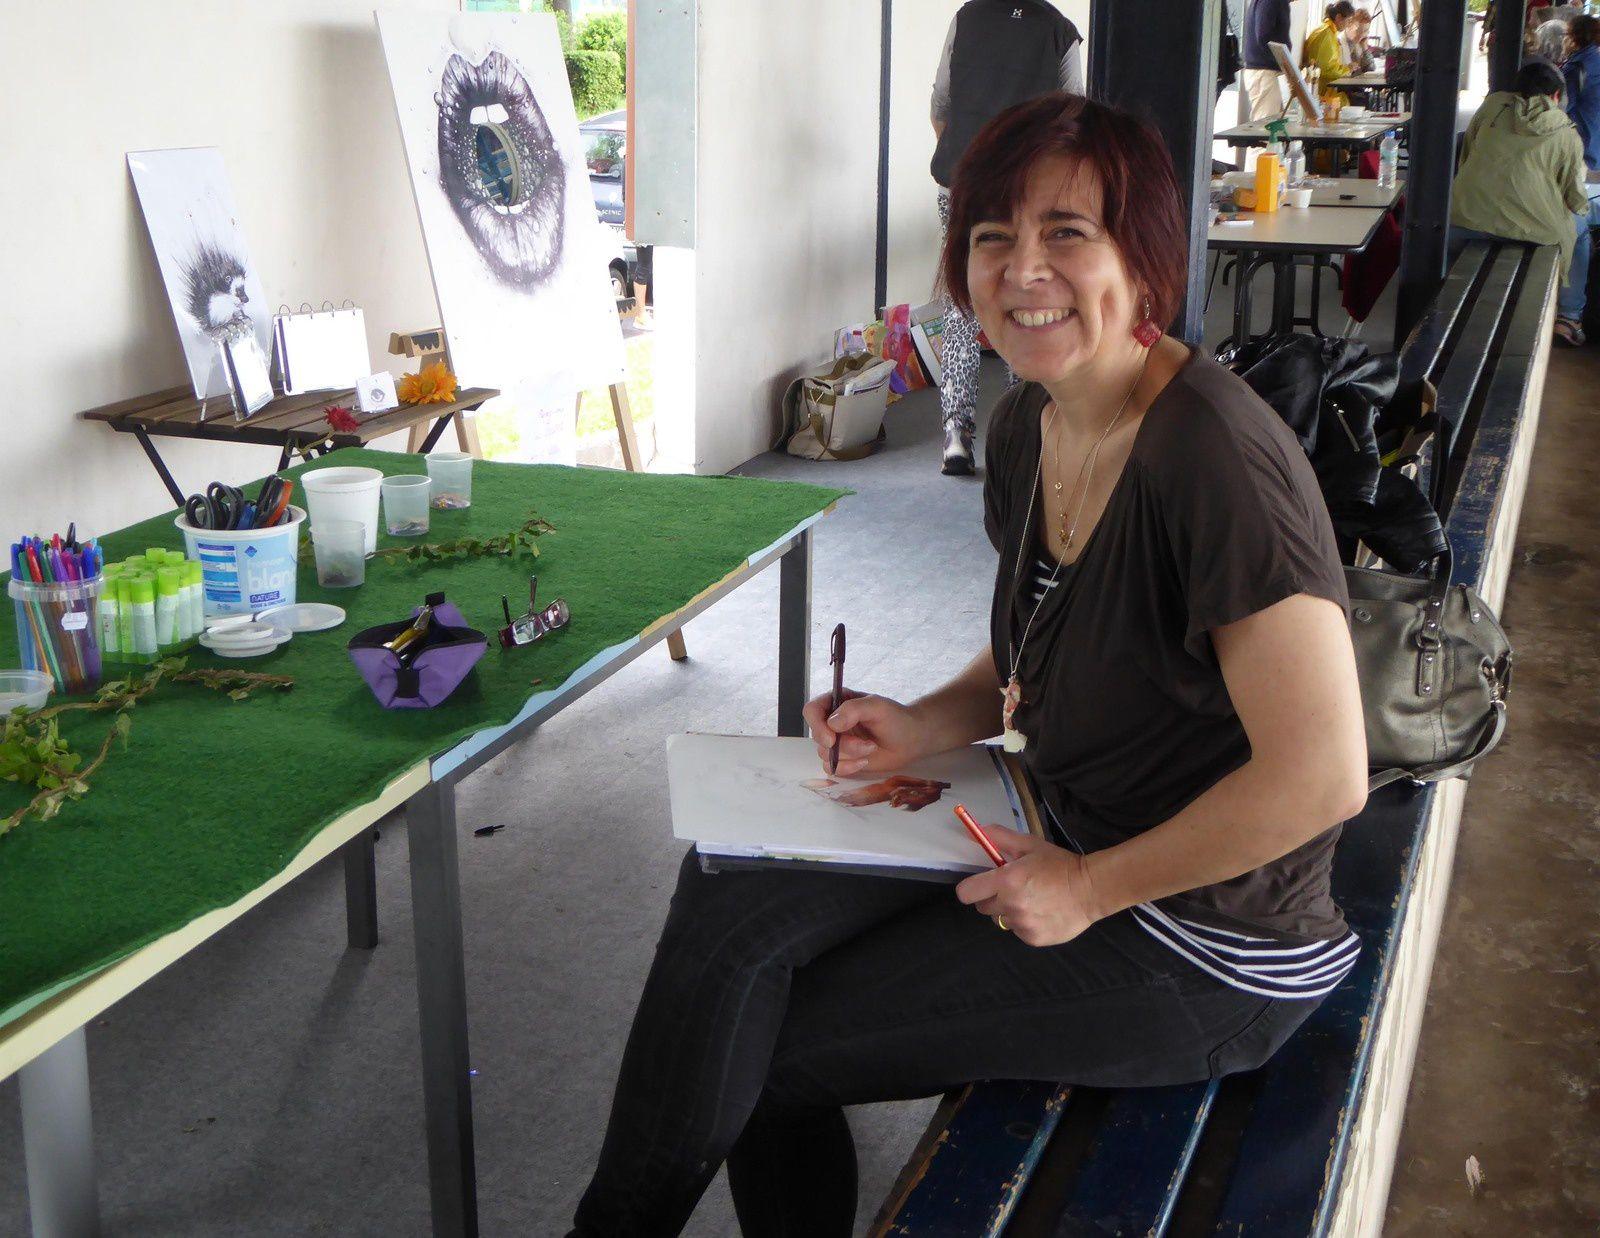 Installation du petit atelier pour dessiner des animaux au stylo et les faire germer